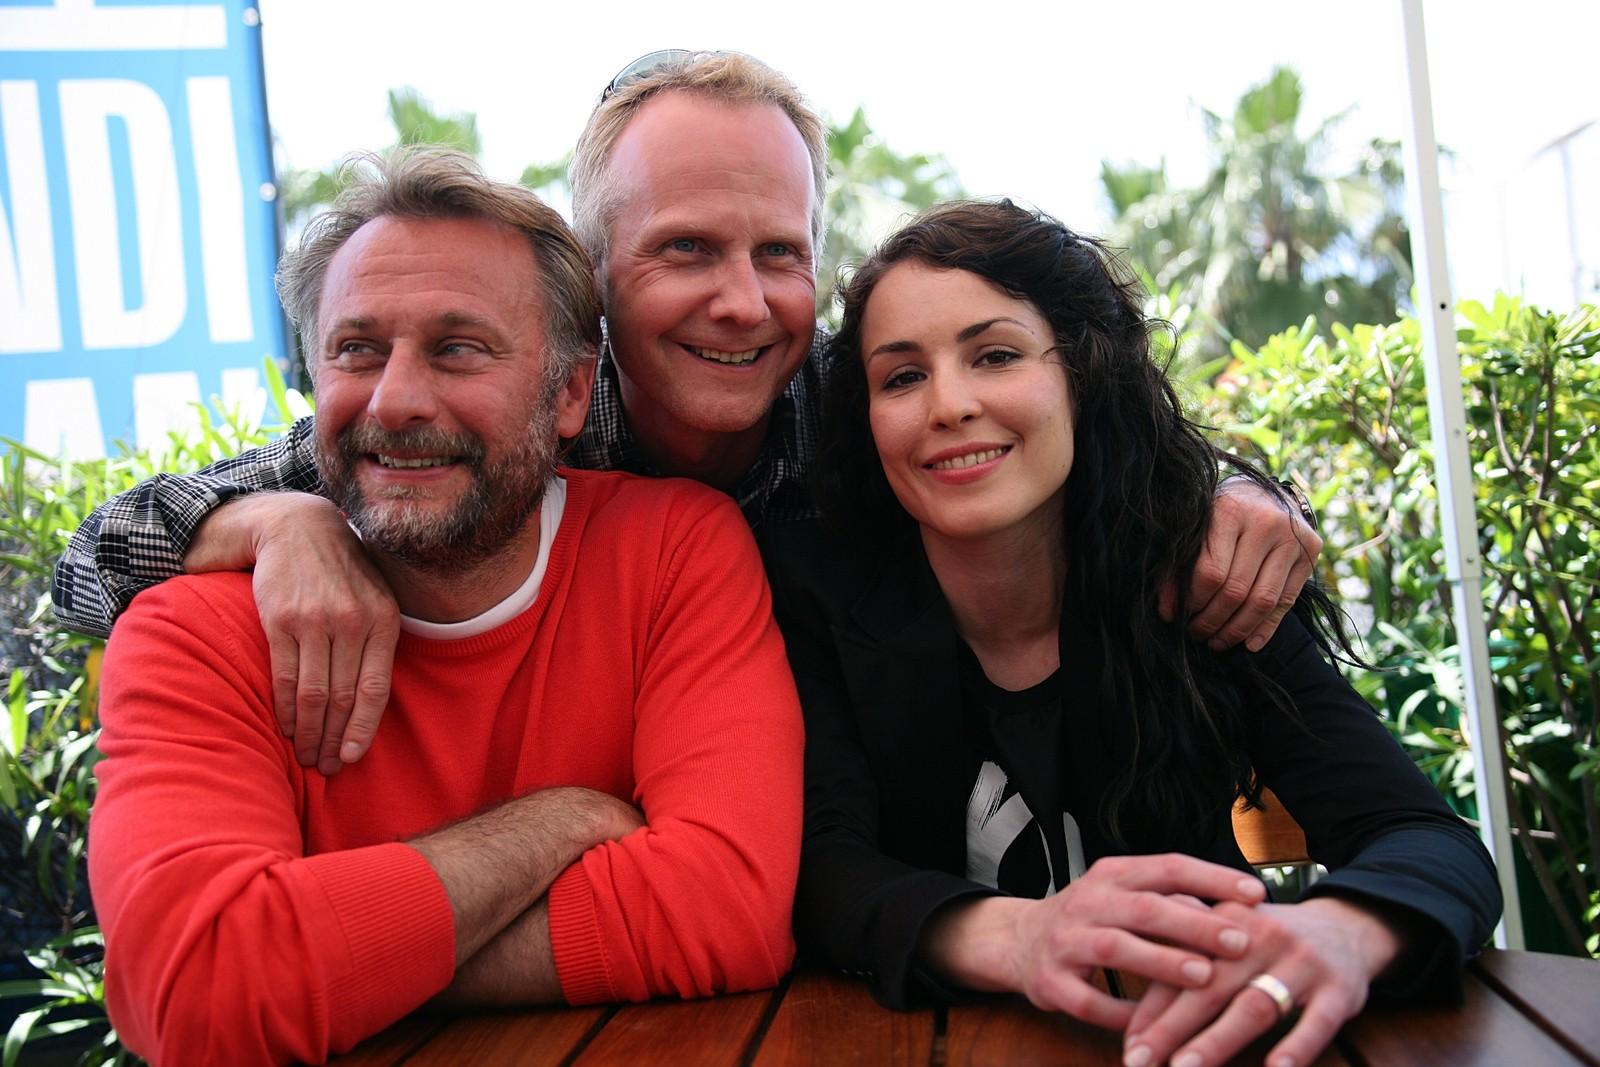 MILLENIUMTROLOGIEN: Michael Nyqvist, regissør Niels Arden Oplev og skodespelar Noomi Rapace deltok på Cannes-festivalen i 2009 med filmen «Menn som hater kvinner».